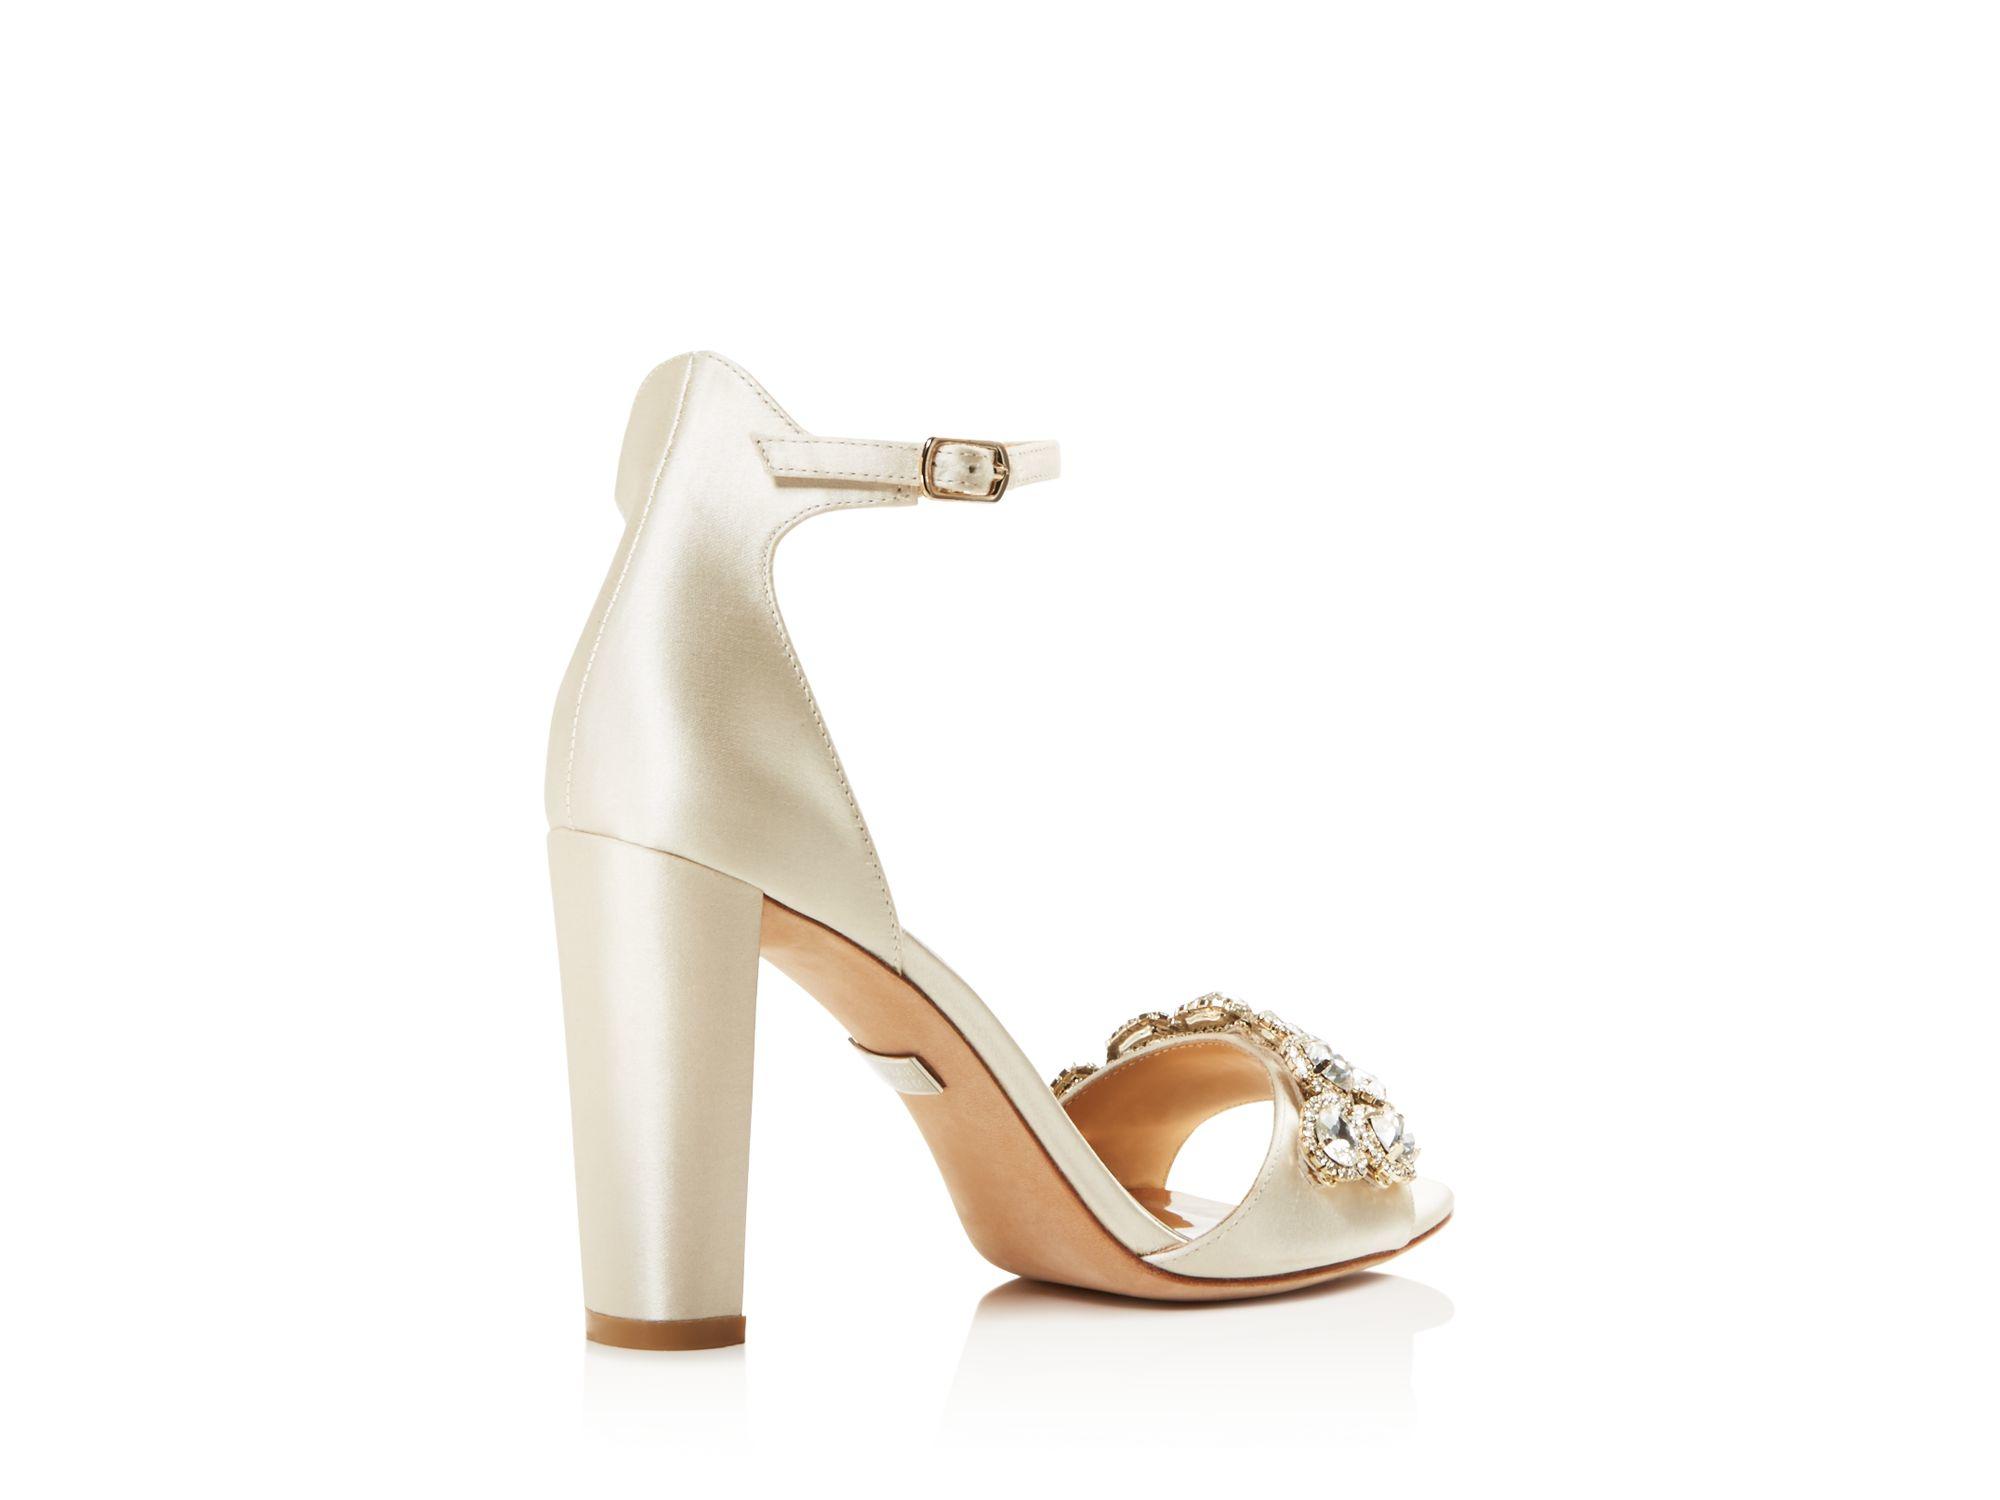 6af68301d3b4 Badgley Mischka Lenox Embellished Block Heel Sandals in White - Lyst